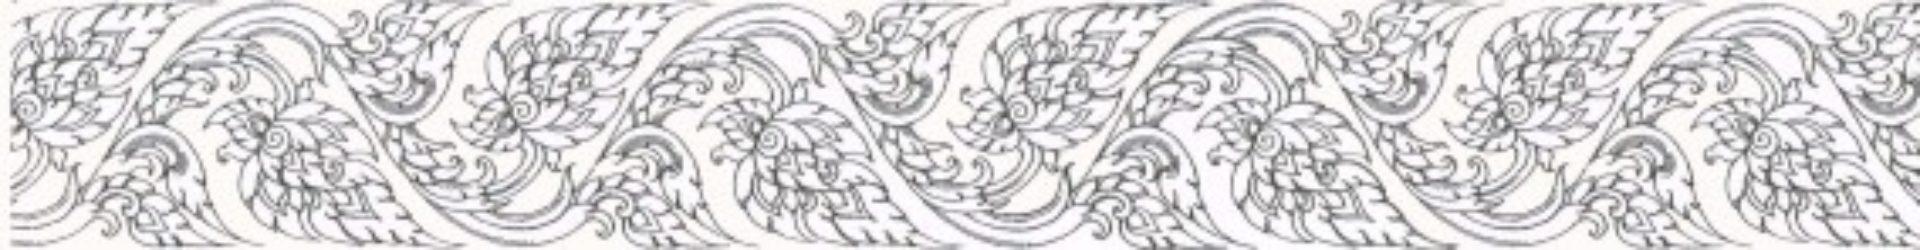 Ноты на тайском языке-2